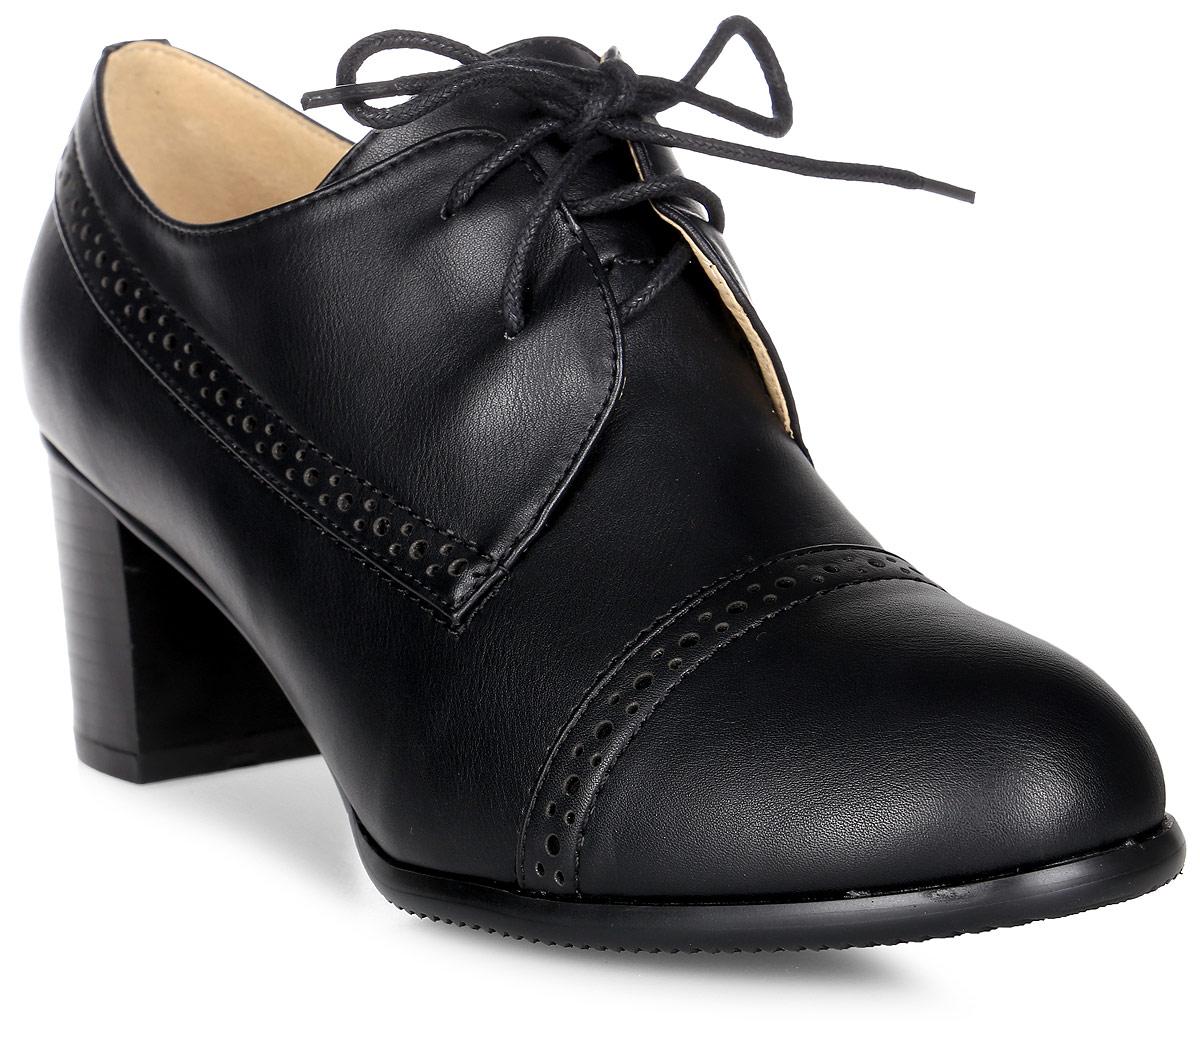 Ботильоны женские Vitacci, цвет: черный. 83508. Размер 4083508Стильные женские ботильоны от Vitacci изготовлены из качественной искусственной кожи. Модель оформлена декоративной перфорацией и удобной шнуровкой. Подошва дополнена устойчивым каблуком.